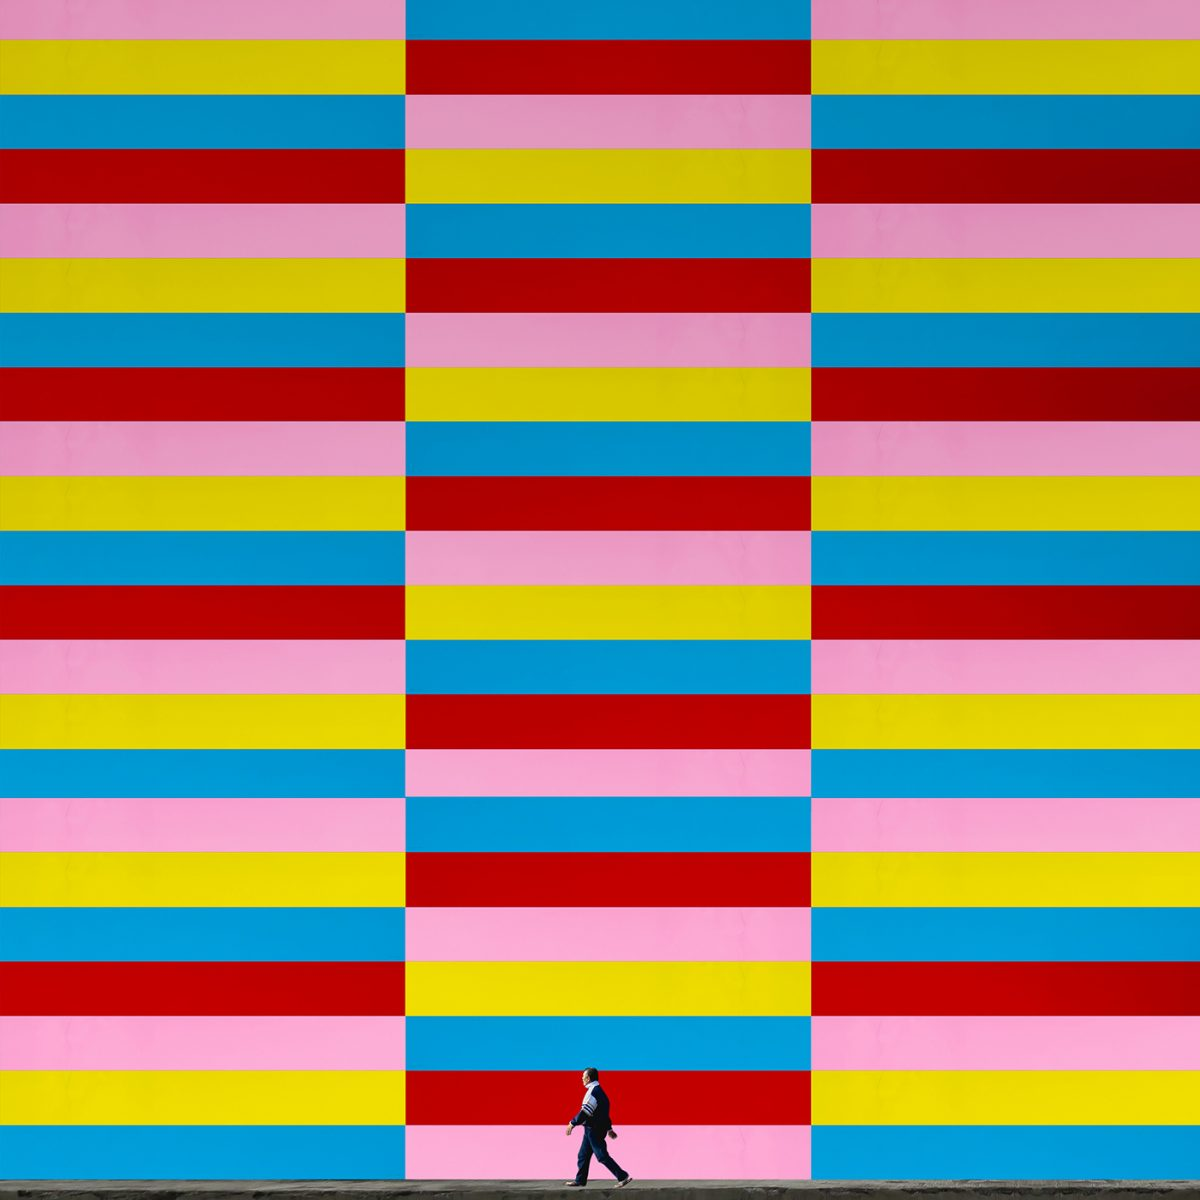 Хипнотични, минималистични фотографии си играят с перспективата и... хората (снимки)